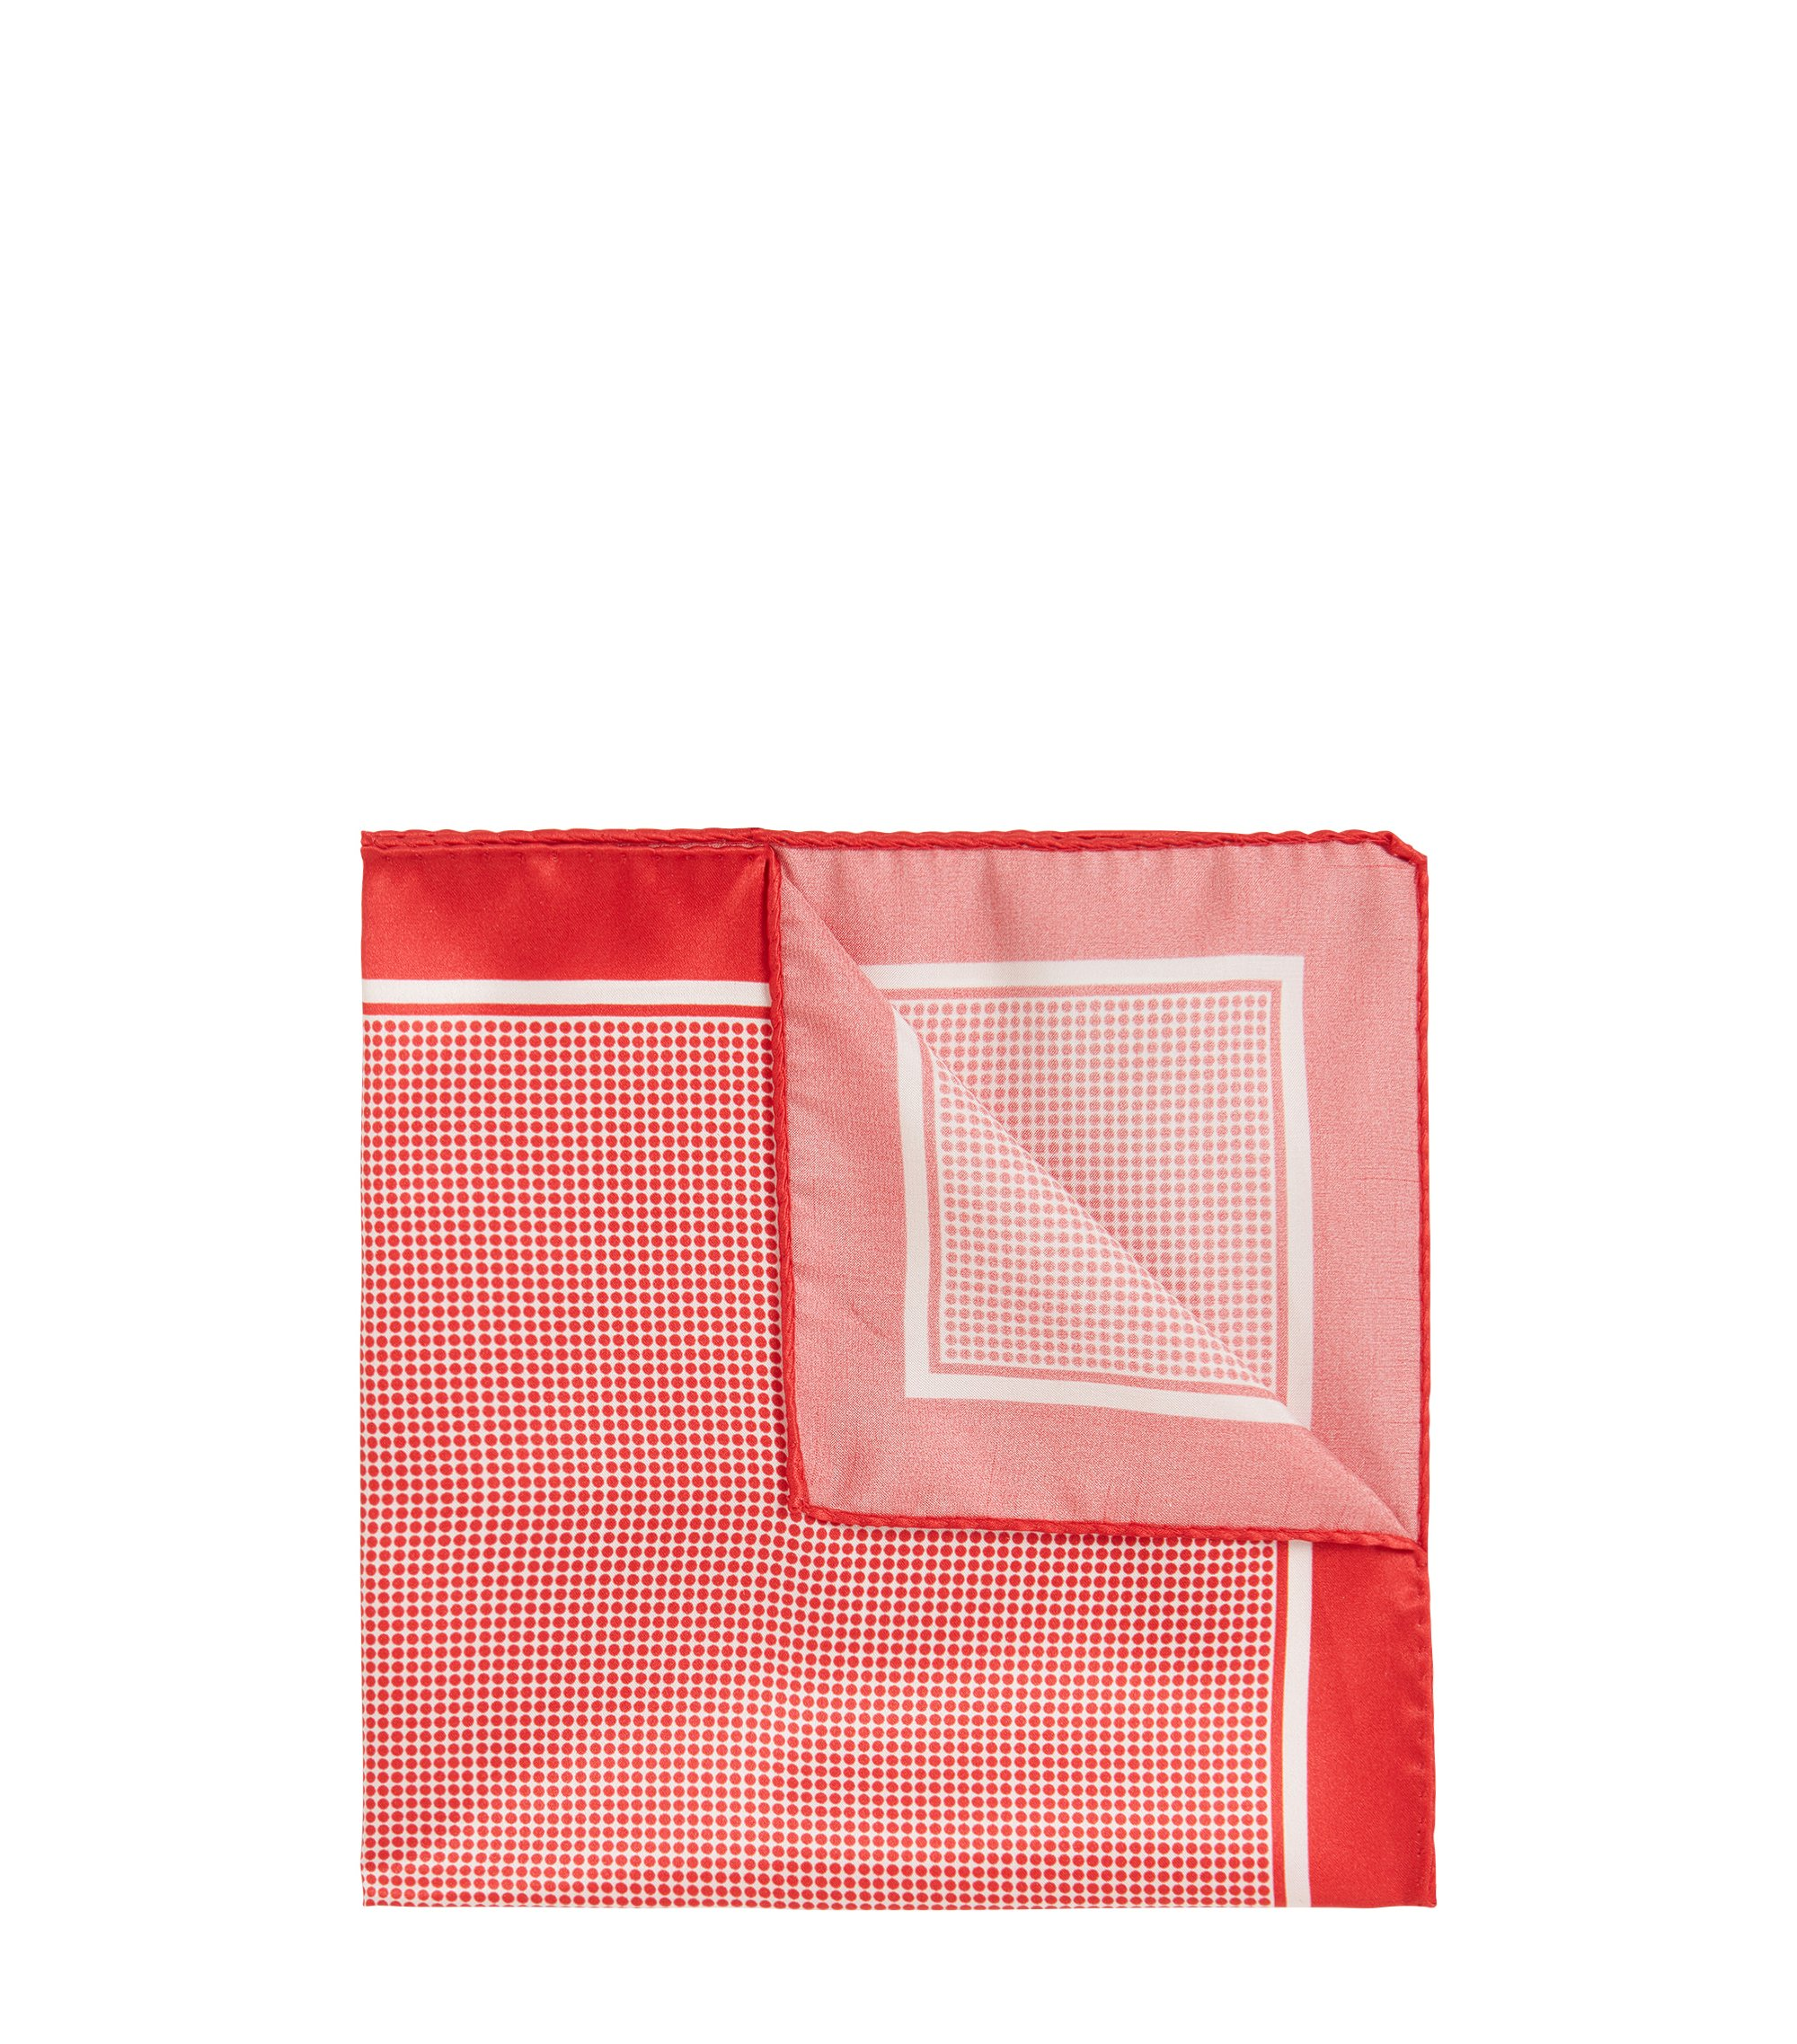 Pochette da taschino realizzata in Italia con stampa a pois, Rosso